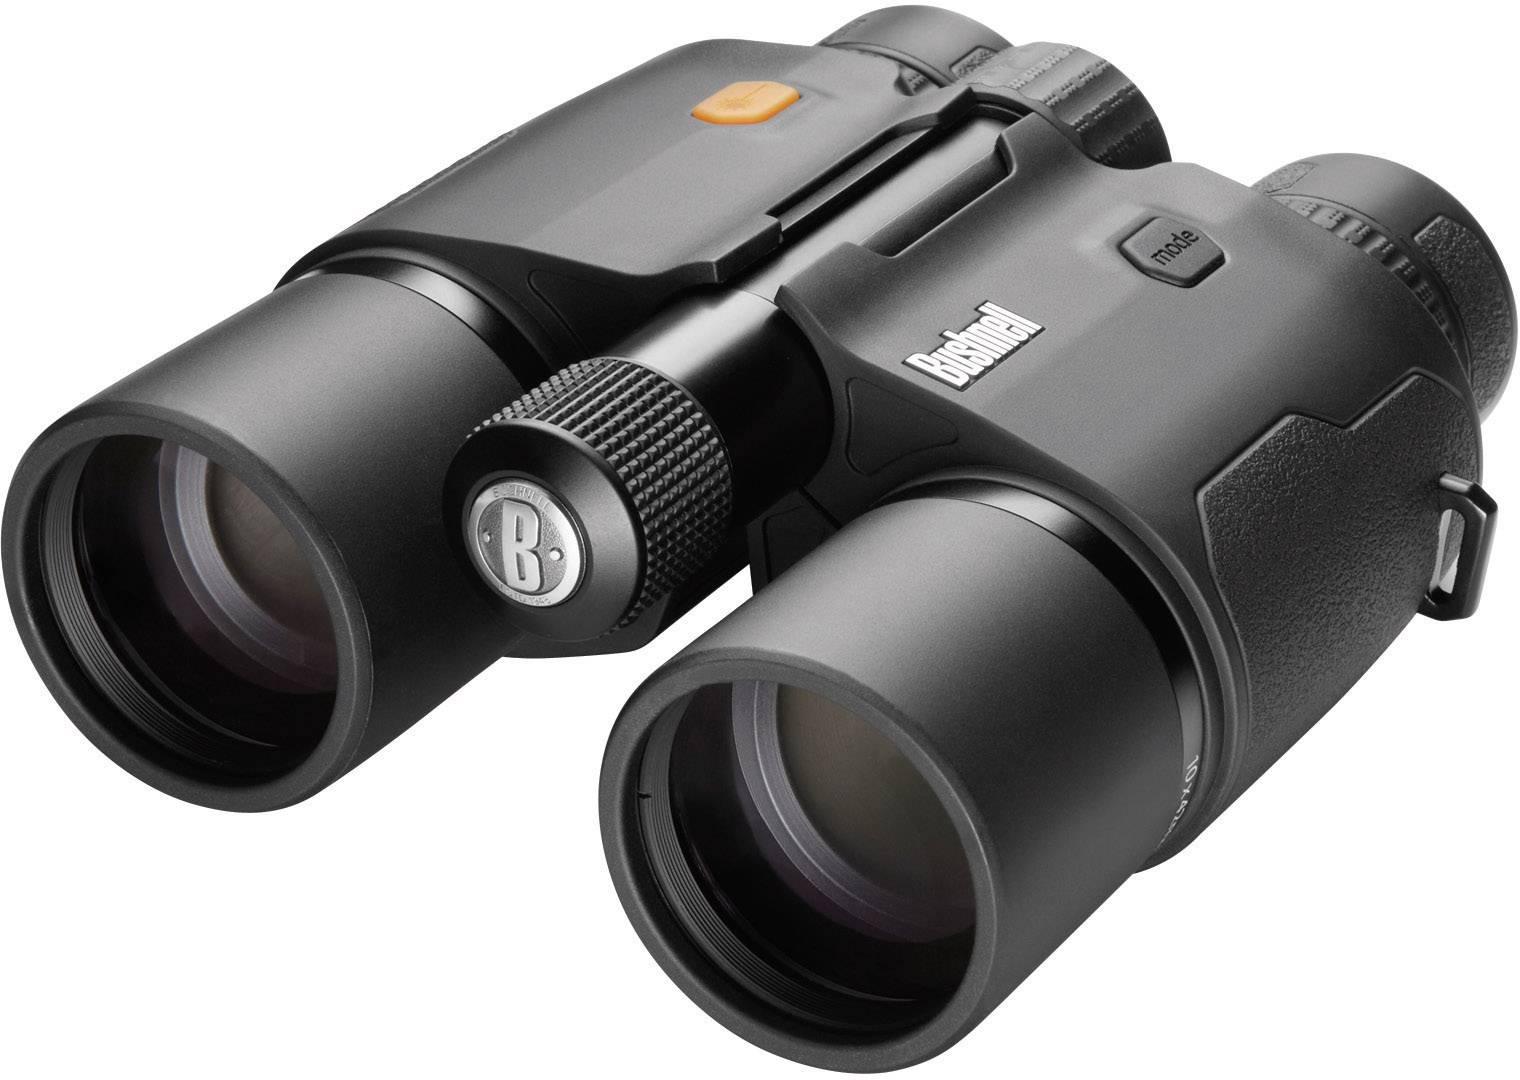 Bushnell Entfernungsmesser Yardage Pro : Bushnell rangefinder fusion fernglas mit entfernungsmesser